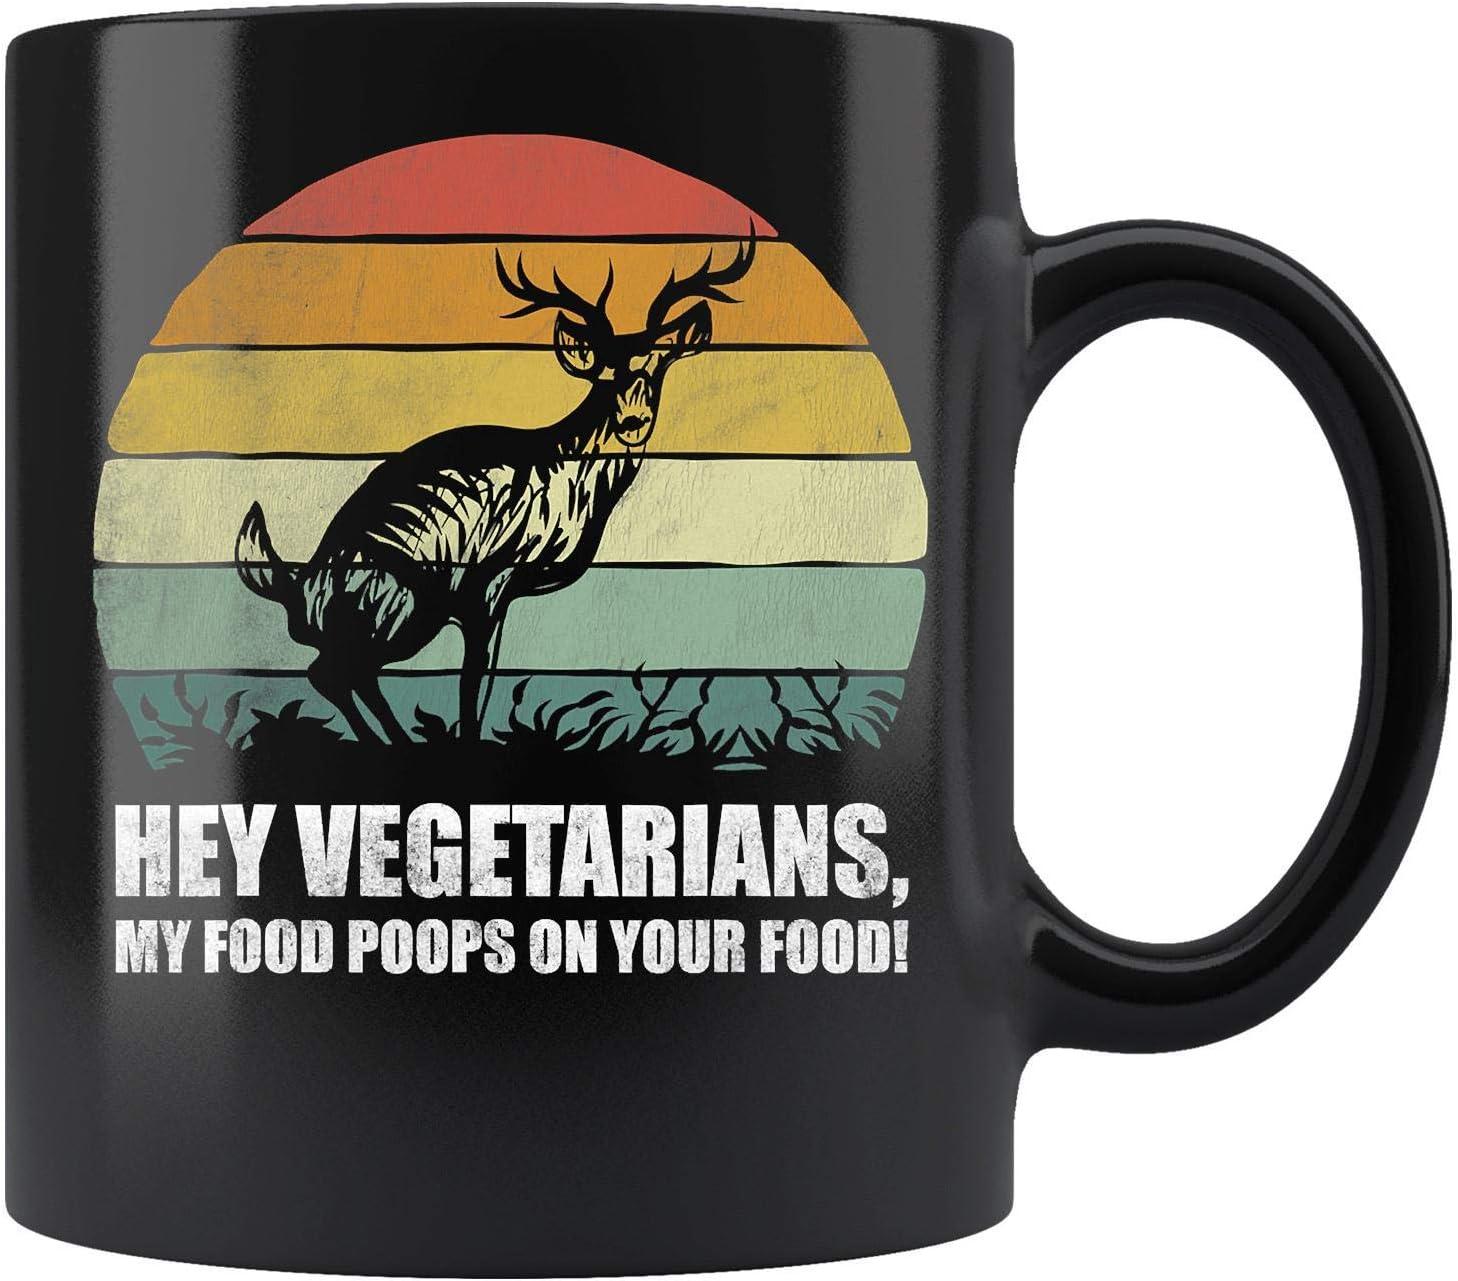 Hey Vegetarians, My Food Poops On Your Food! Deer Hunting Coffee Mug 11oz Tea Cup